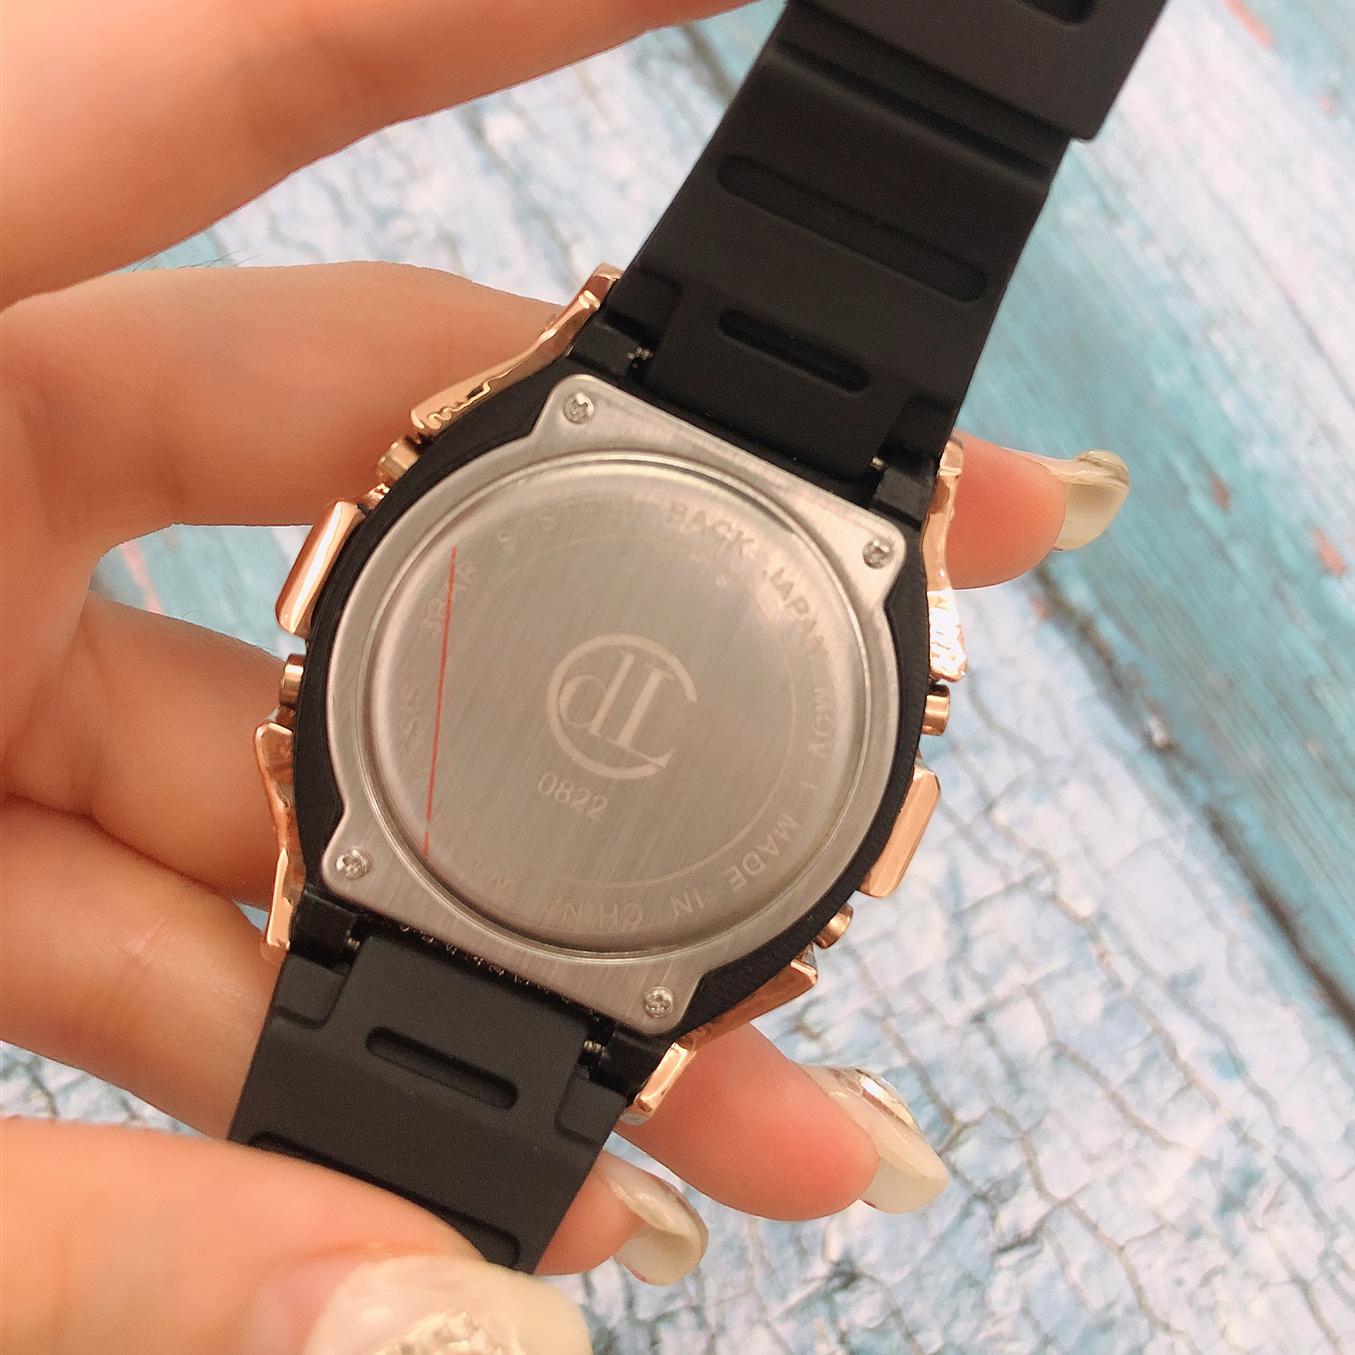 ins CDL 正品满钻橡胶带男女电子表多功能时尚情侣方块 超火电子手表